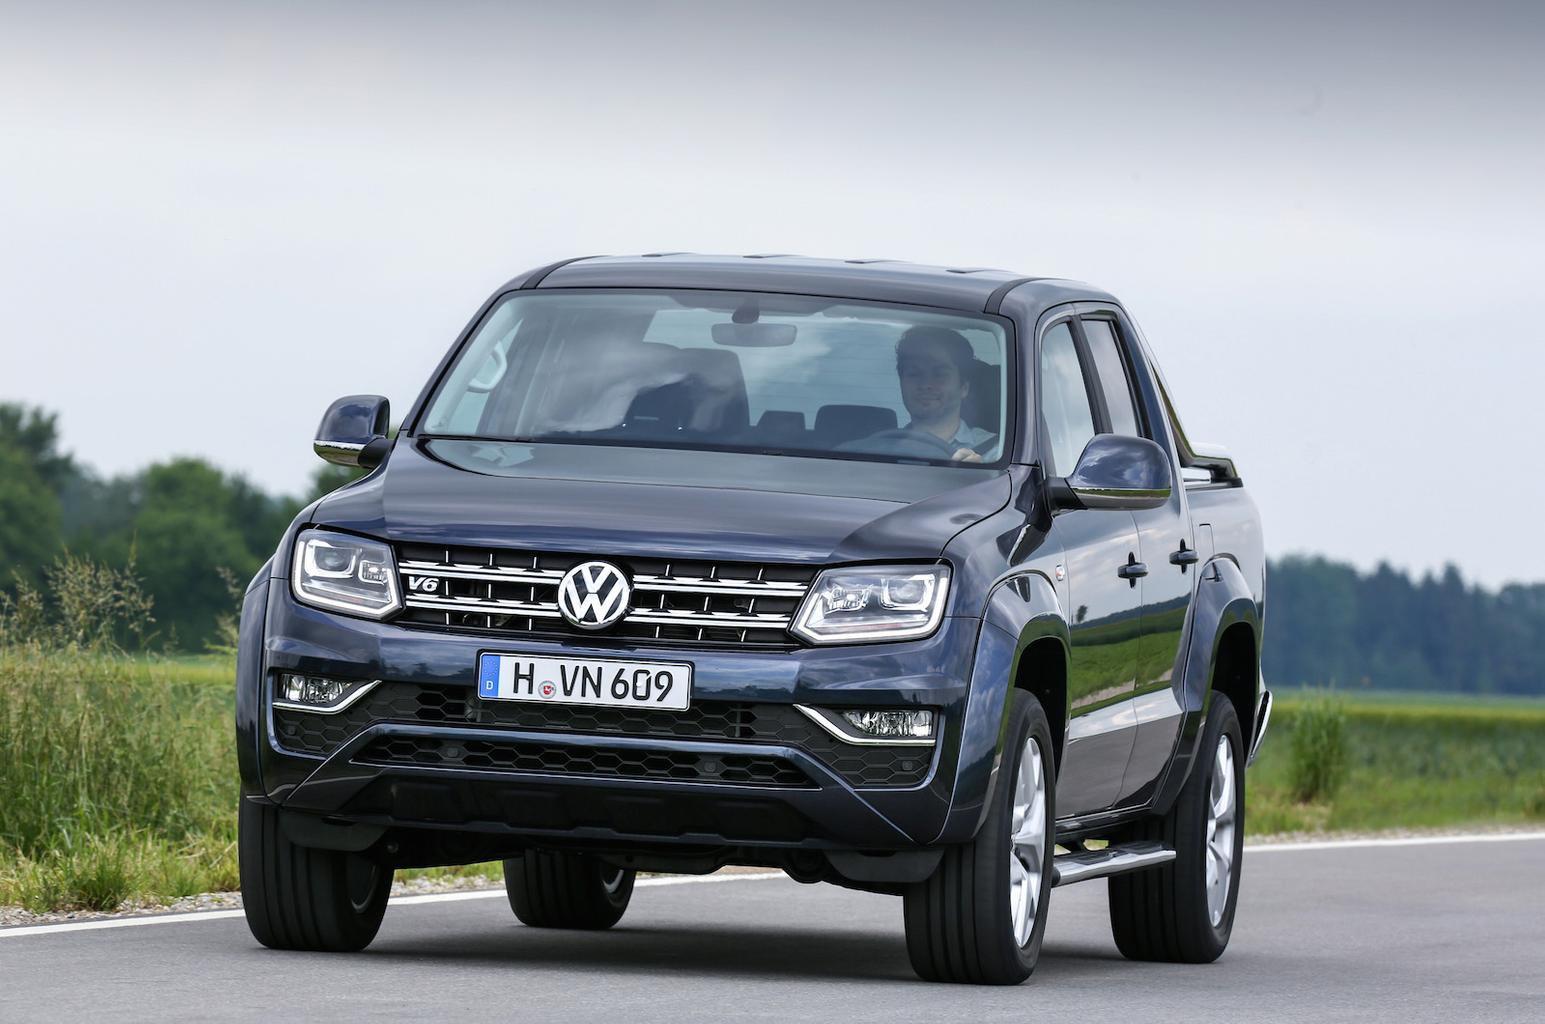 2016 Volkswagen Amarok 3.0 TDI 224 review